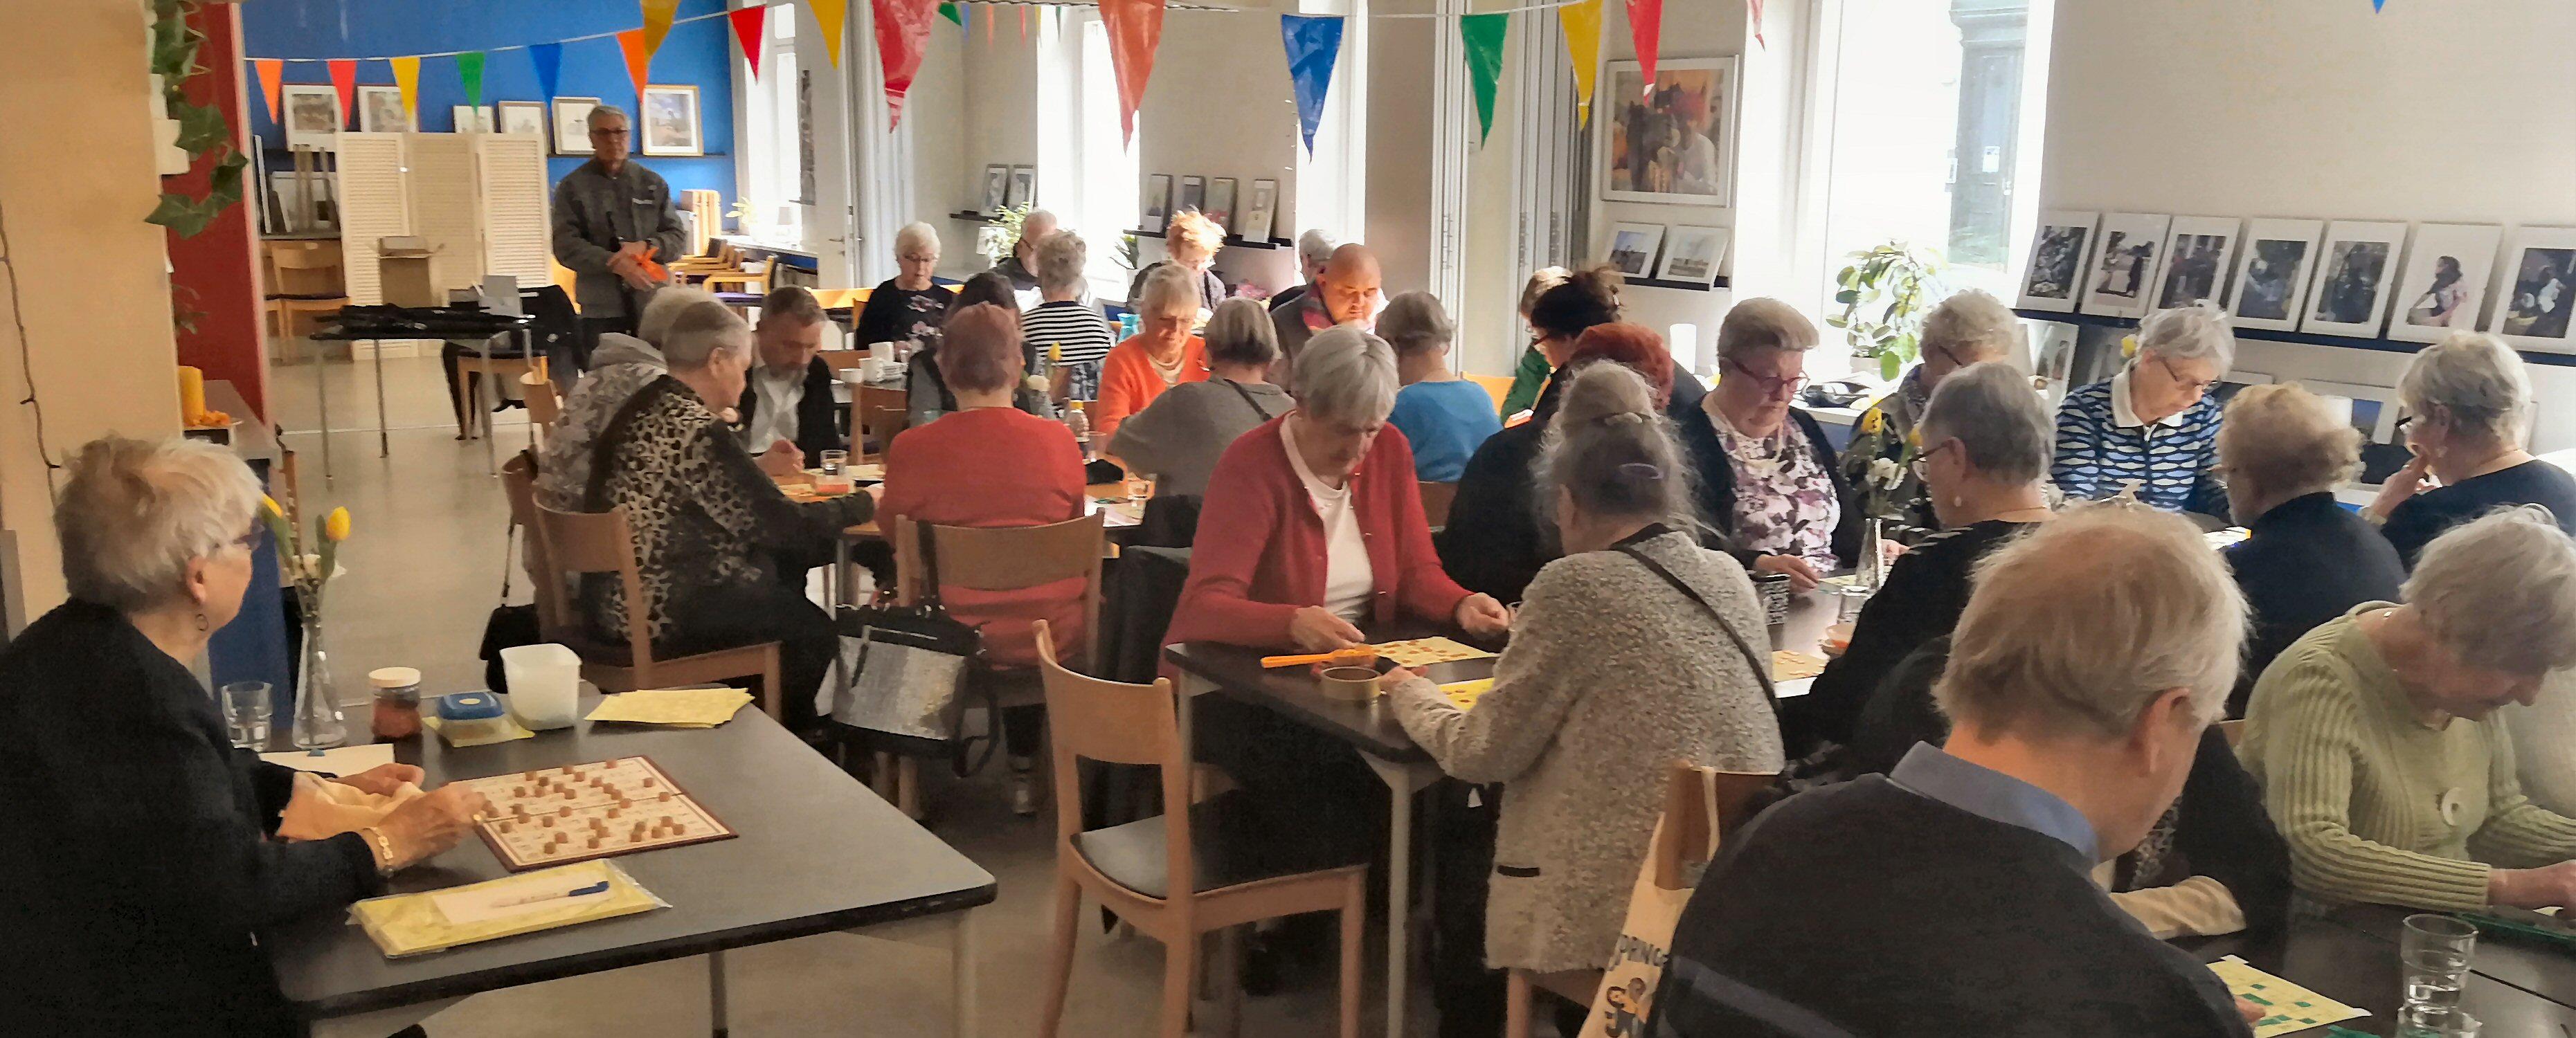 27/10 Gratis Efterårsbanko for alle østerbroere @ Nabo Østerbro, Vibenshave